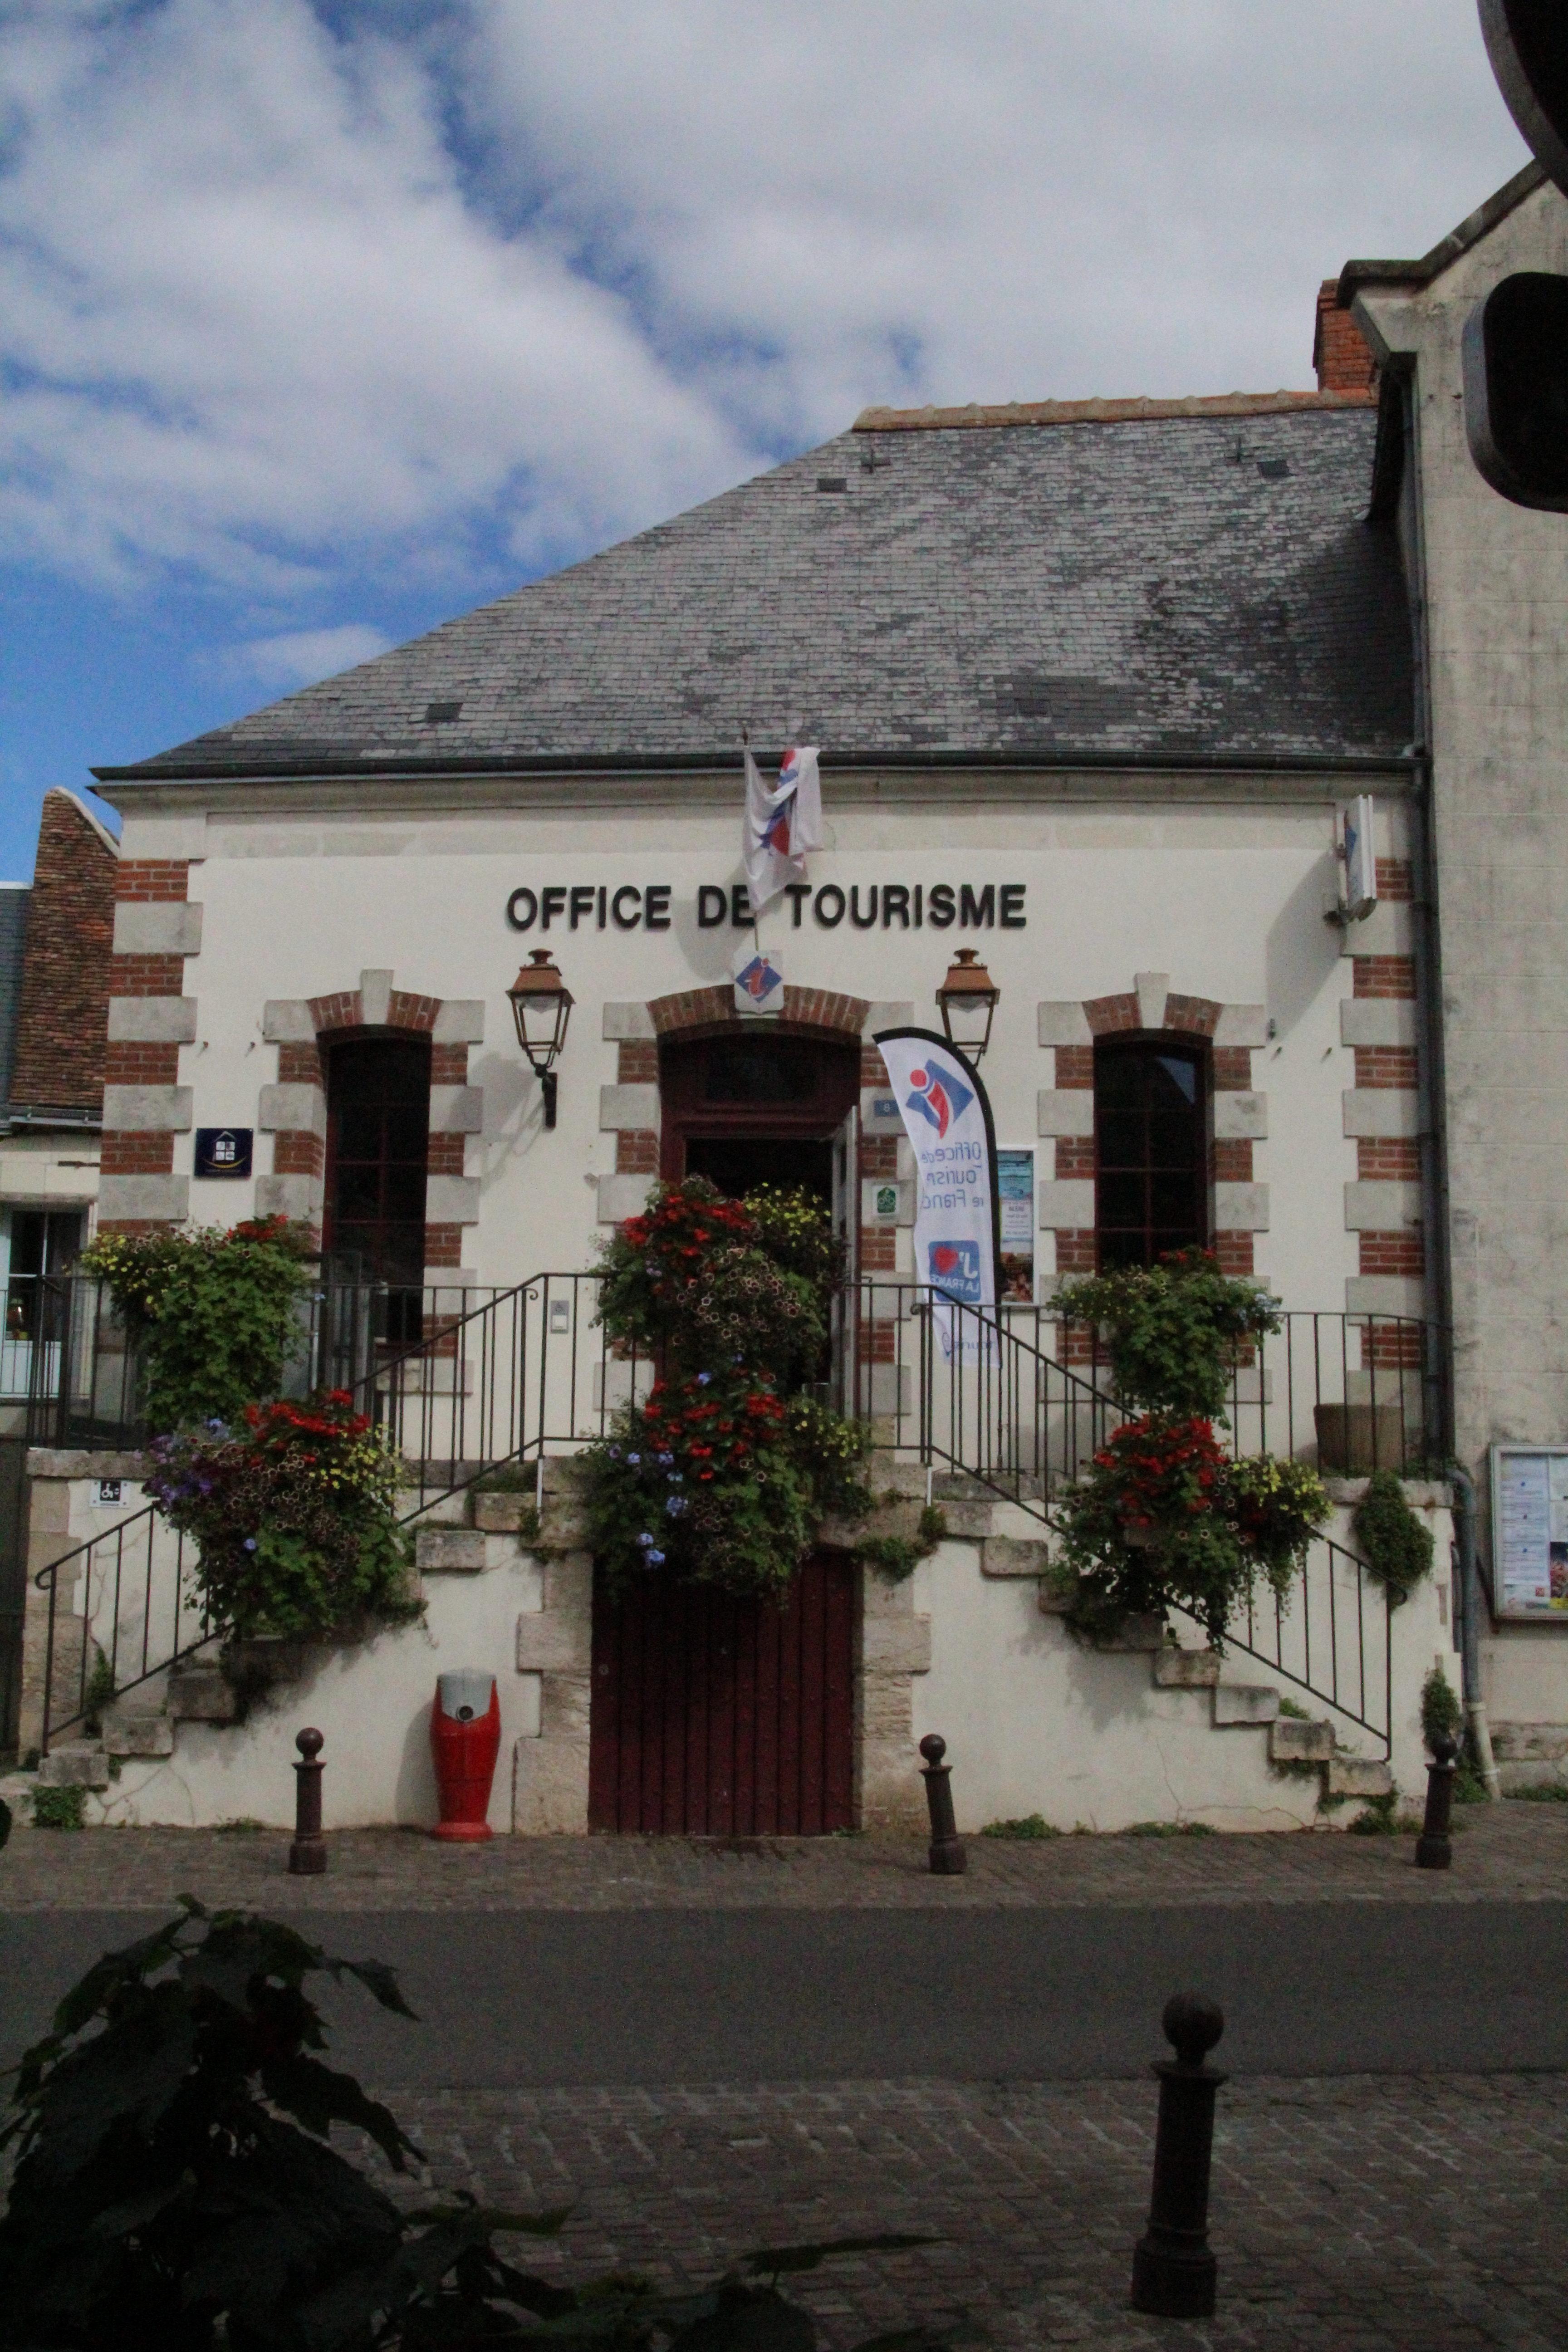 Bléré ville office de tourisme bureau accueil touristique information